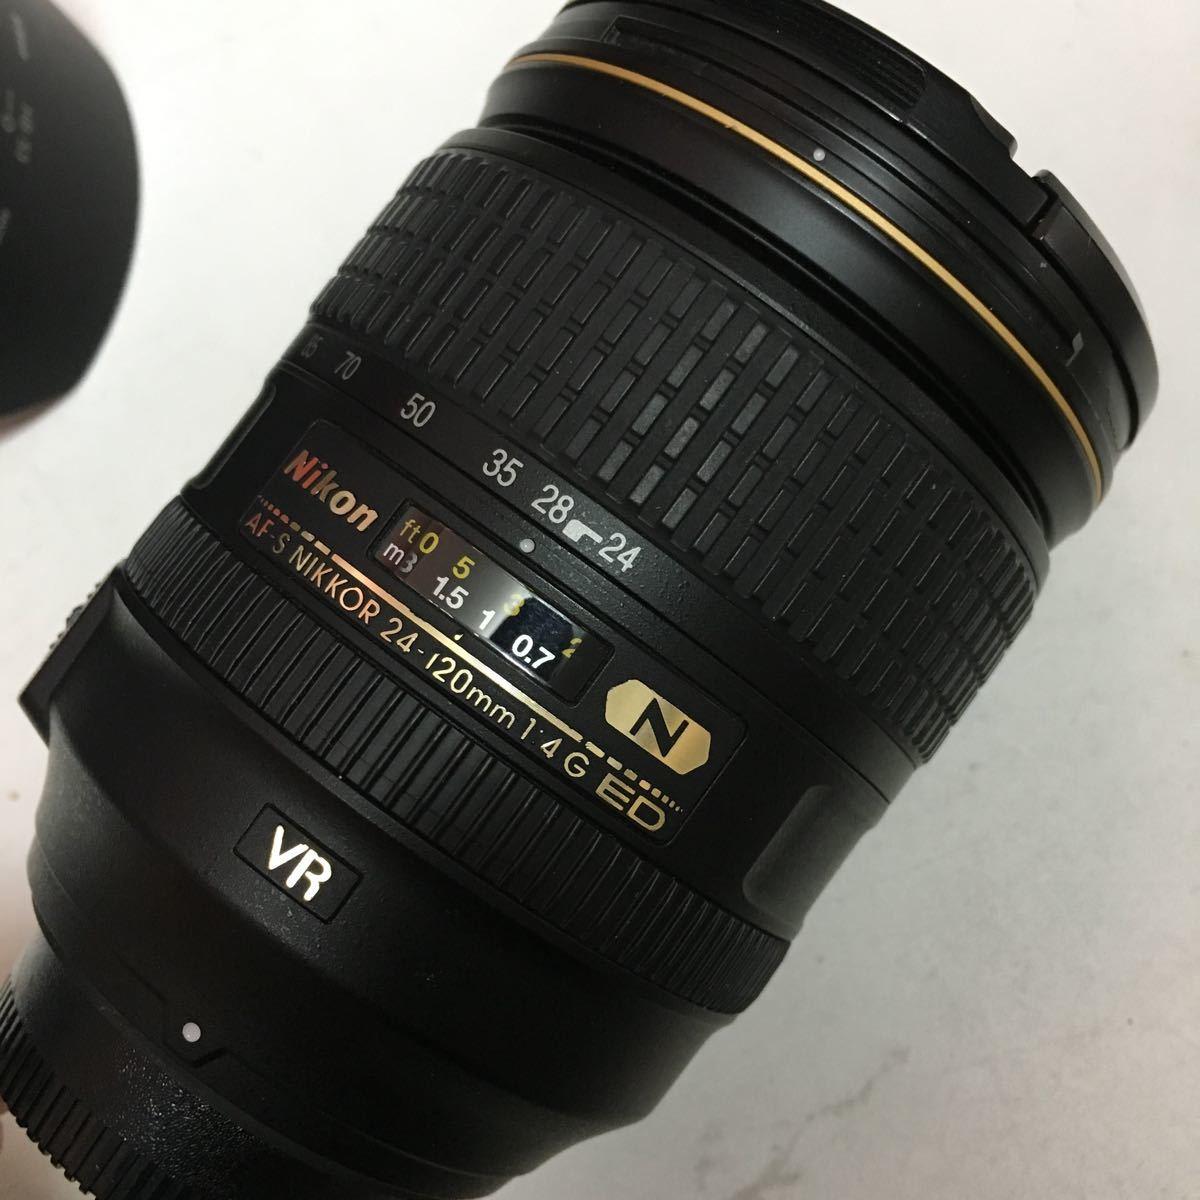 混入あり Nikon 標準ズームレンズ AF-S NIKKOR 24-120mm f/4G ED VR フルサイズ対応_画像4